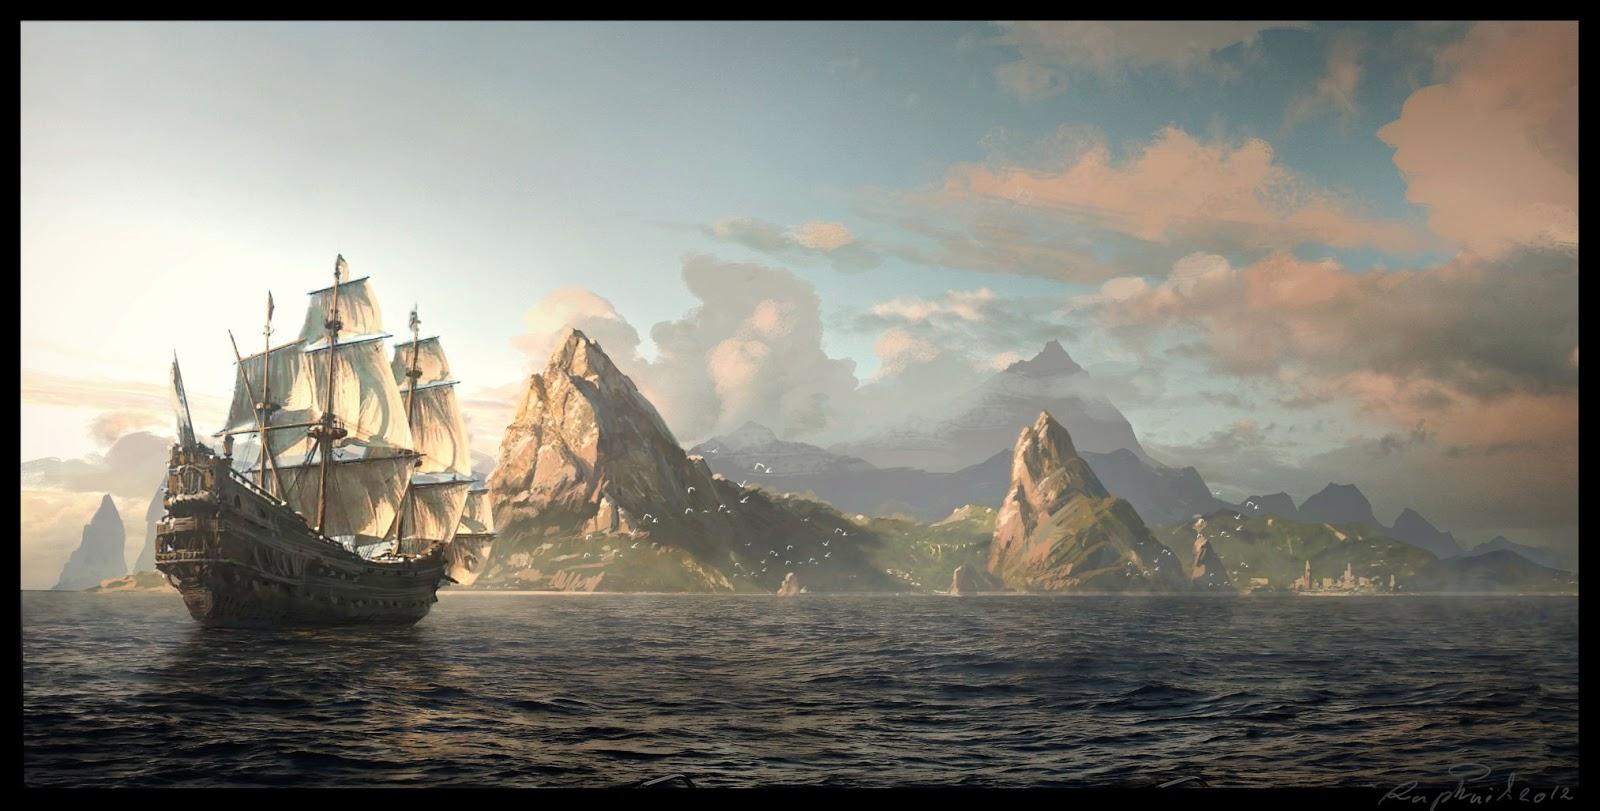 gallion arrivant près d'une île rocheuse inexplorée